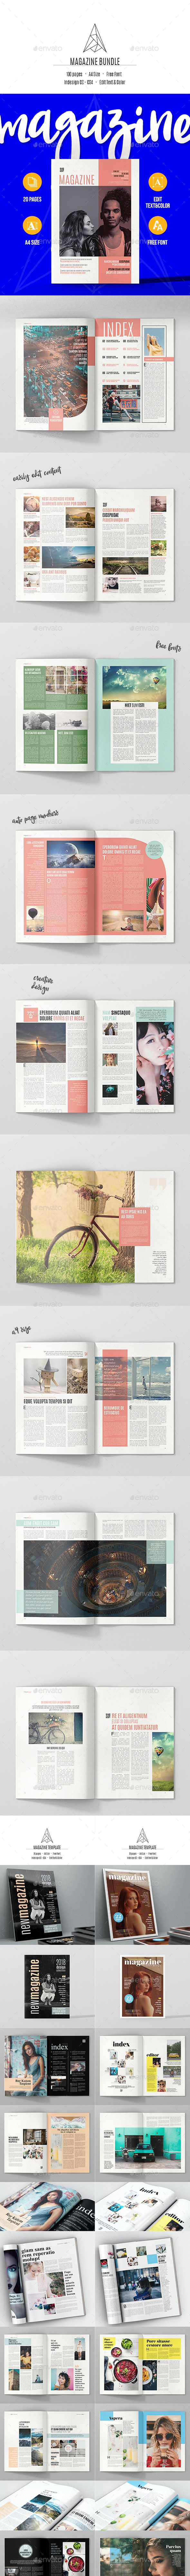 Magazine Bundle 100 Pages - Magazines Print Templates